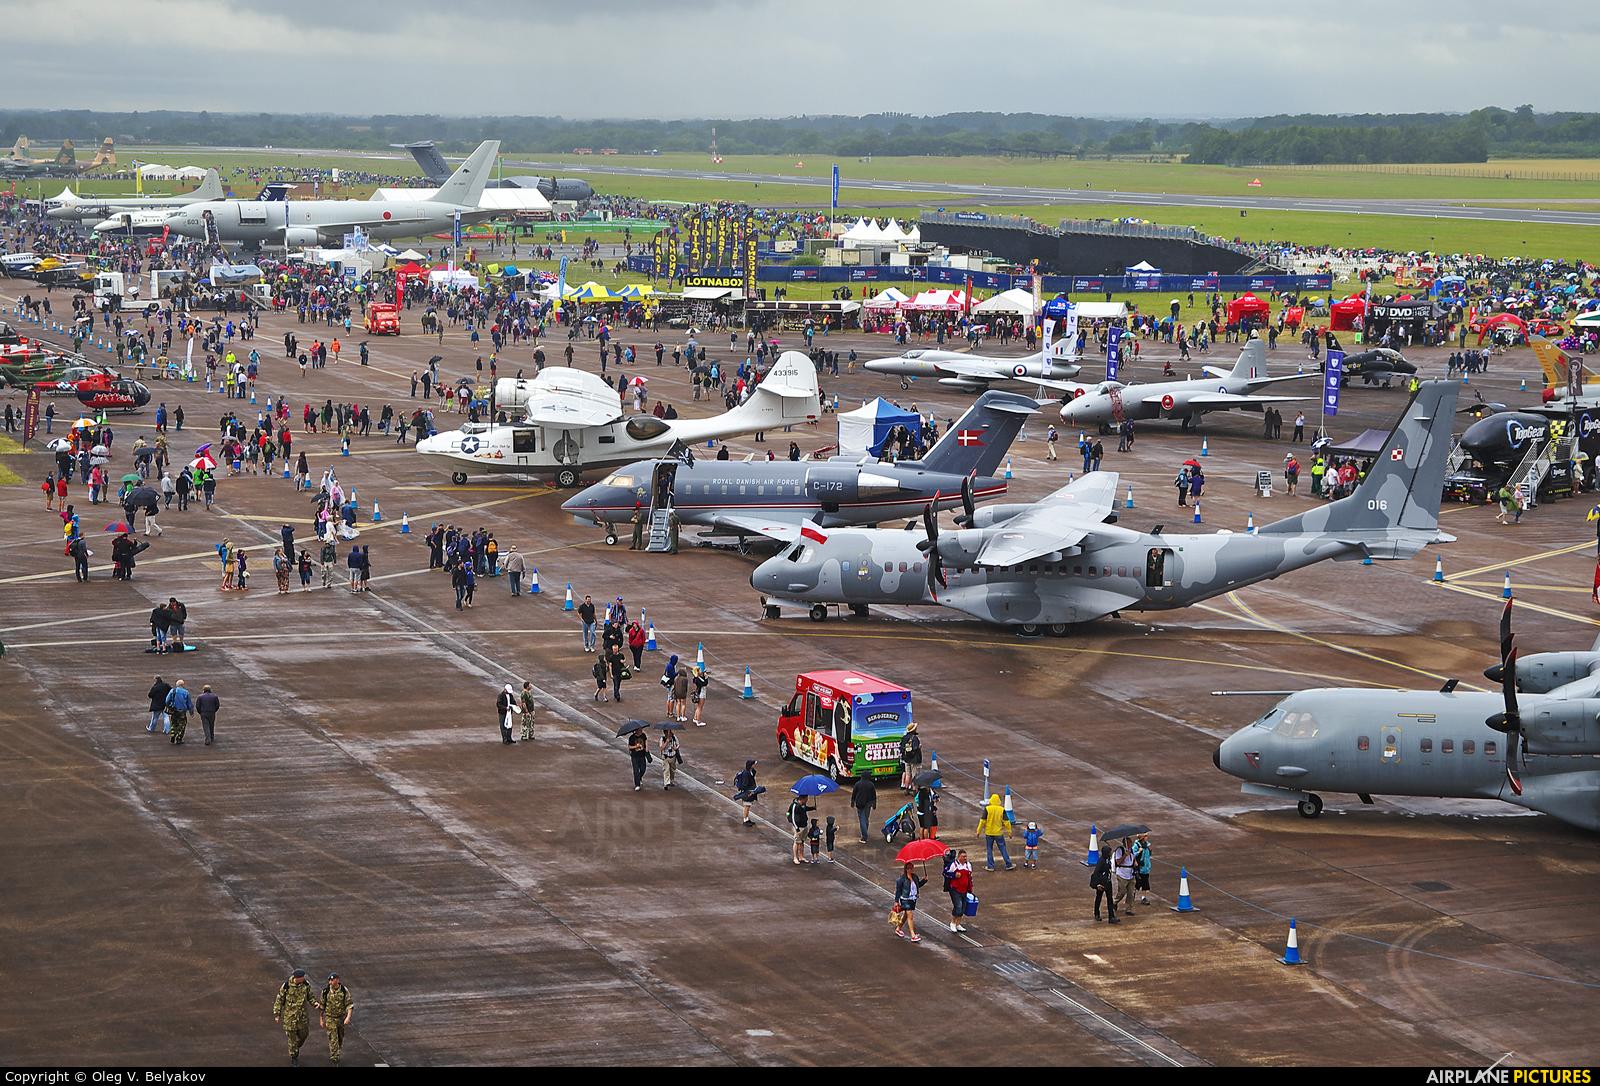 Poland - Air Force 016 aircraft at Fairford